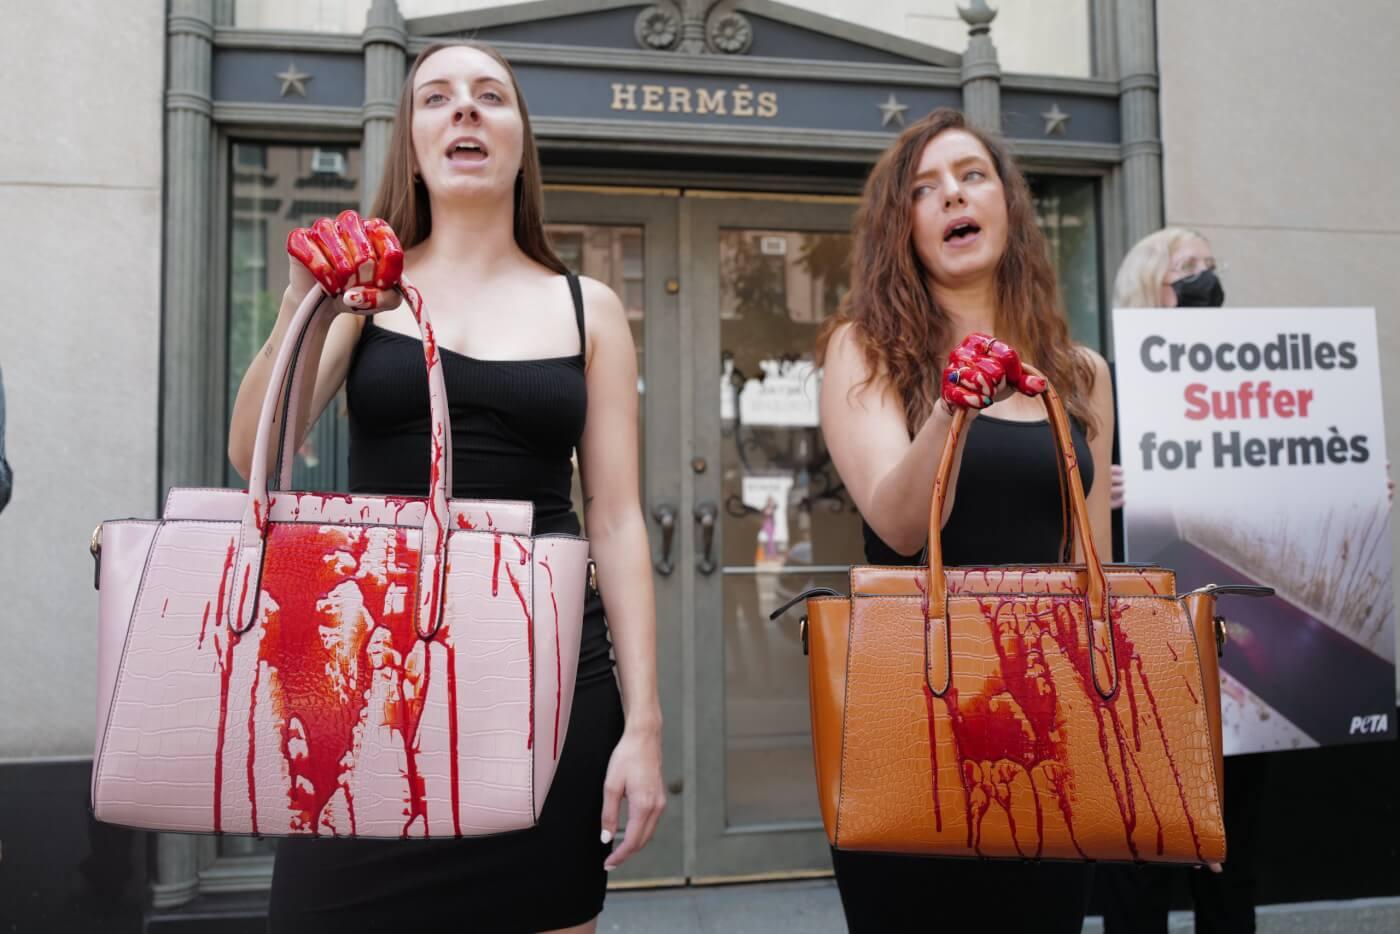 PETA NYC Hermes Protest bloody bags crocodile skins